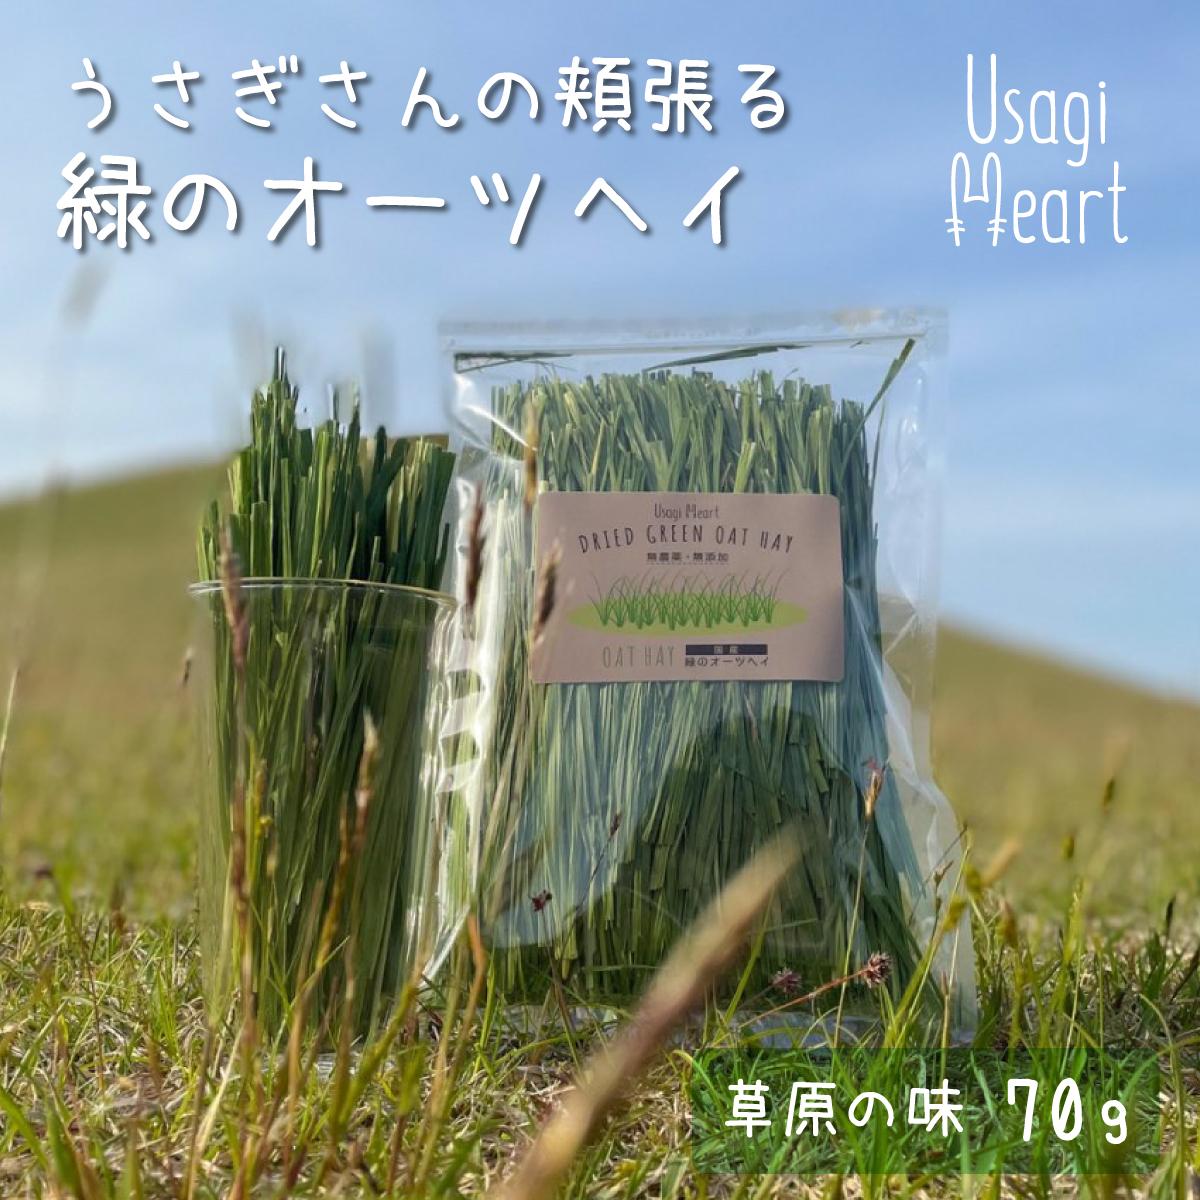 うさぎさんの頬張る 緑のオーツヘイ 草原の味 70g 定番から日本未入荷 国産 無農薬 無添加 セール価格 Heart 牧草 うさぎのおやつ うさぎ うさぎハート Usagi